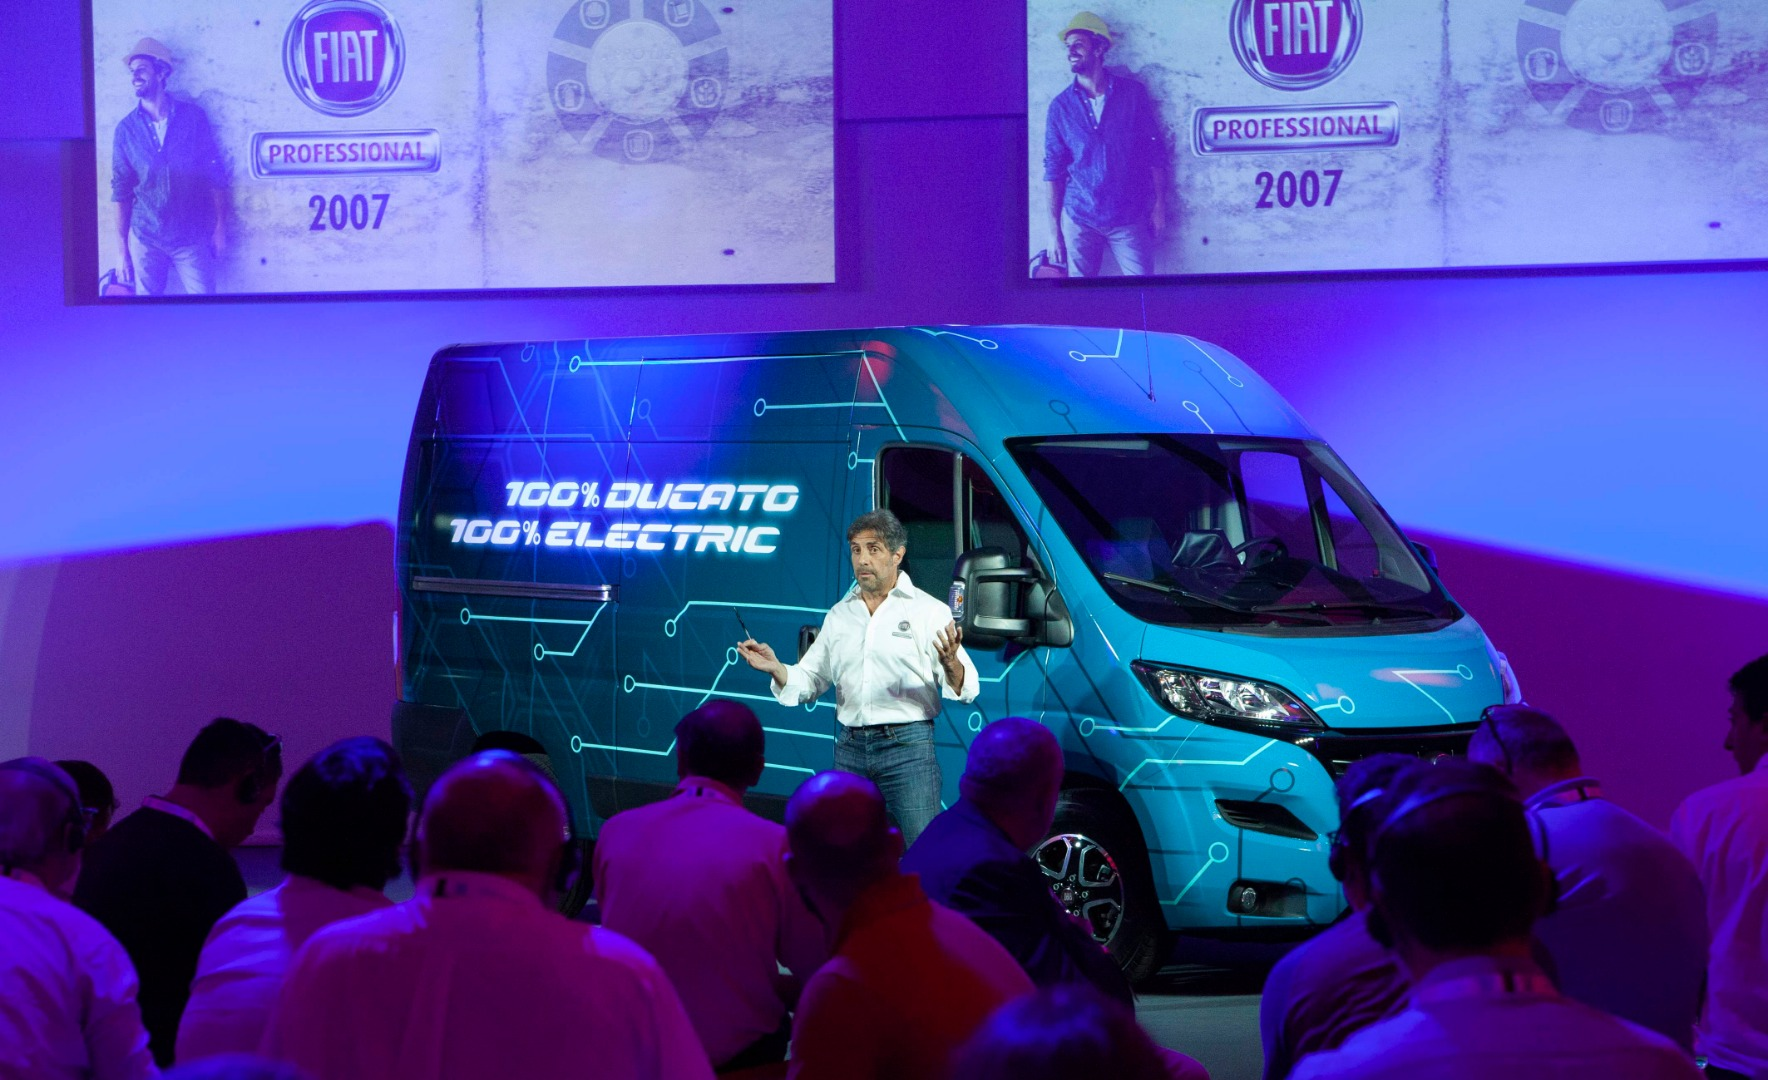 La Fiat Ducato eléctrica, en fotos